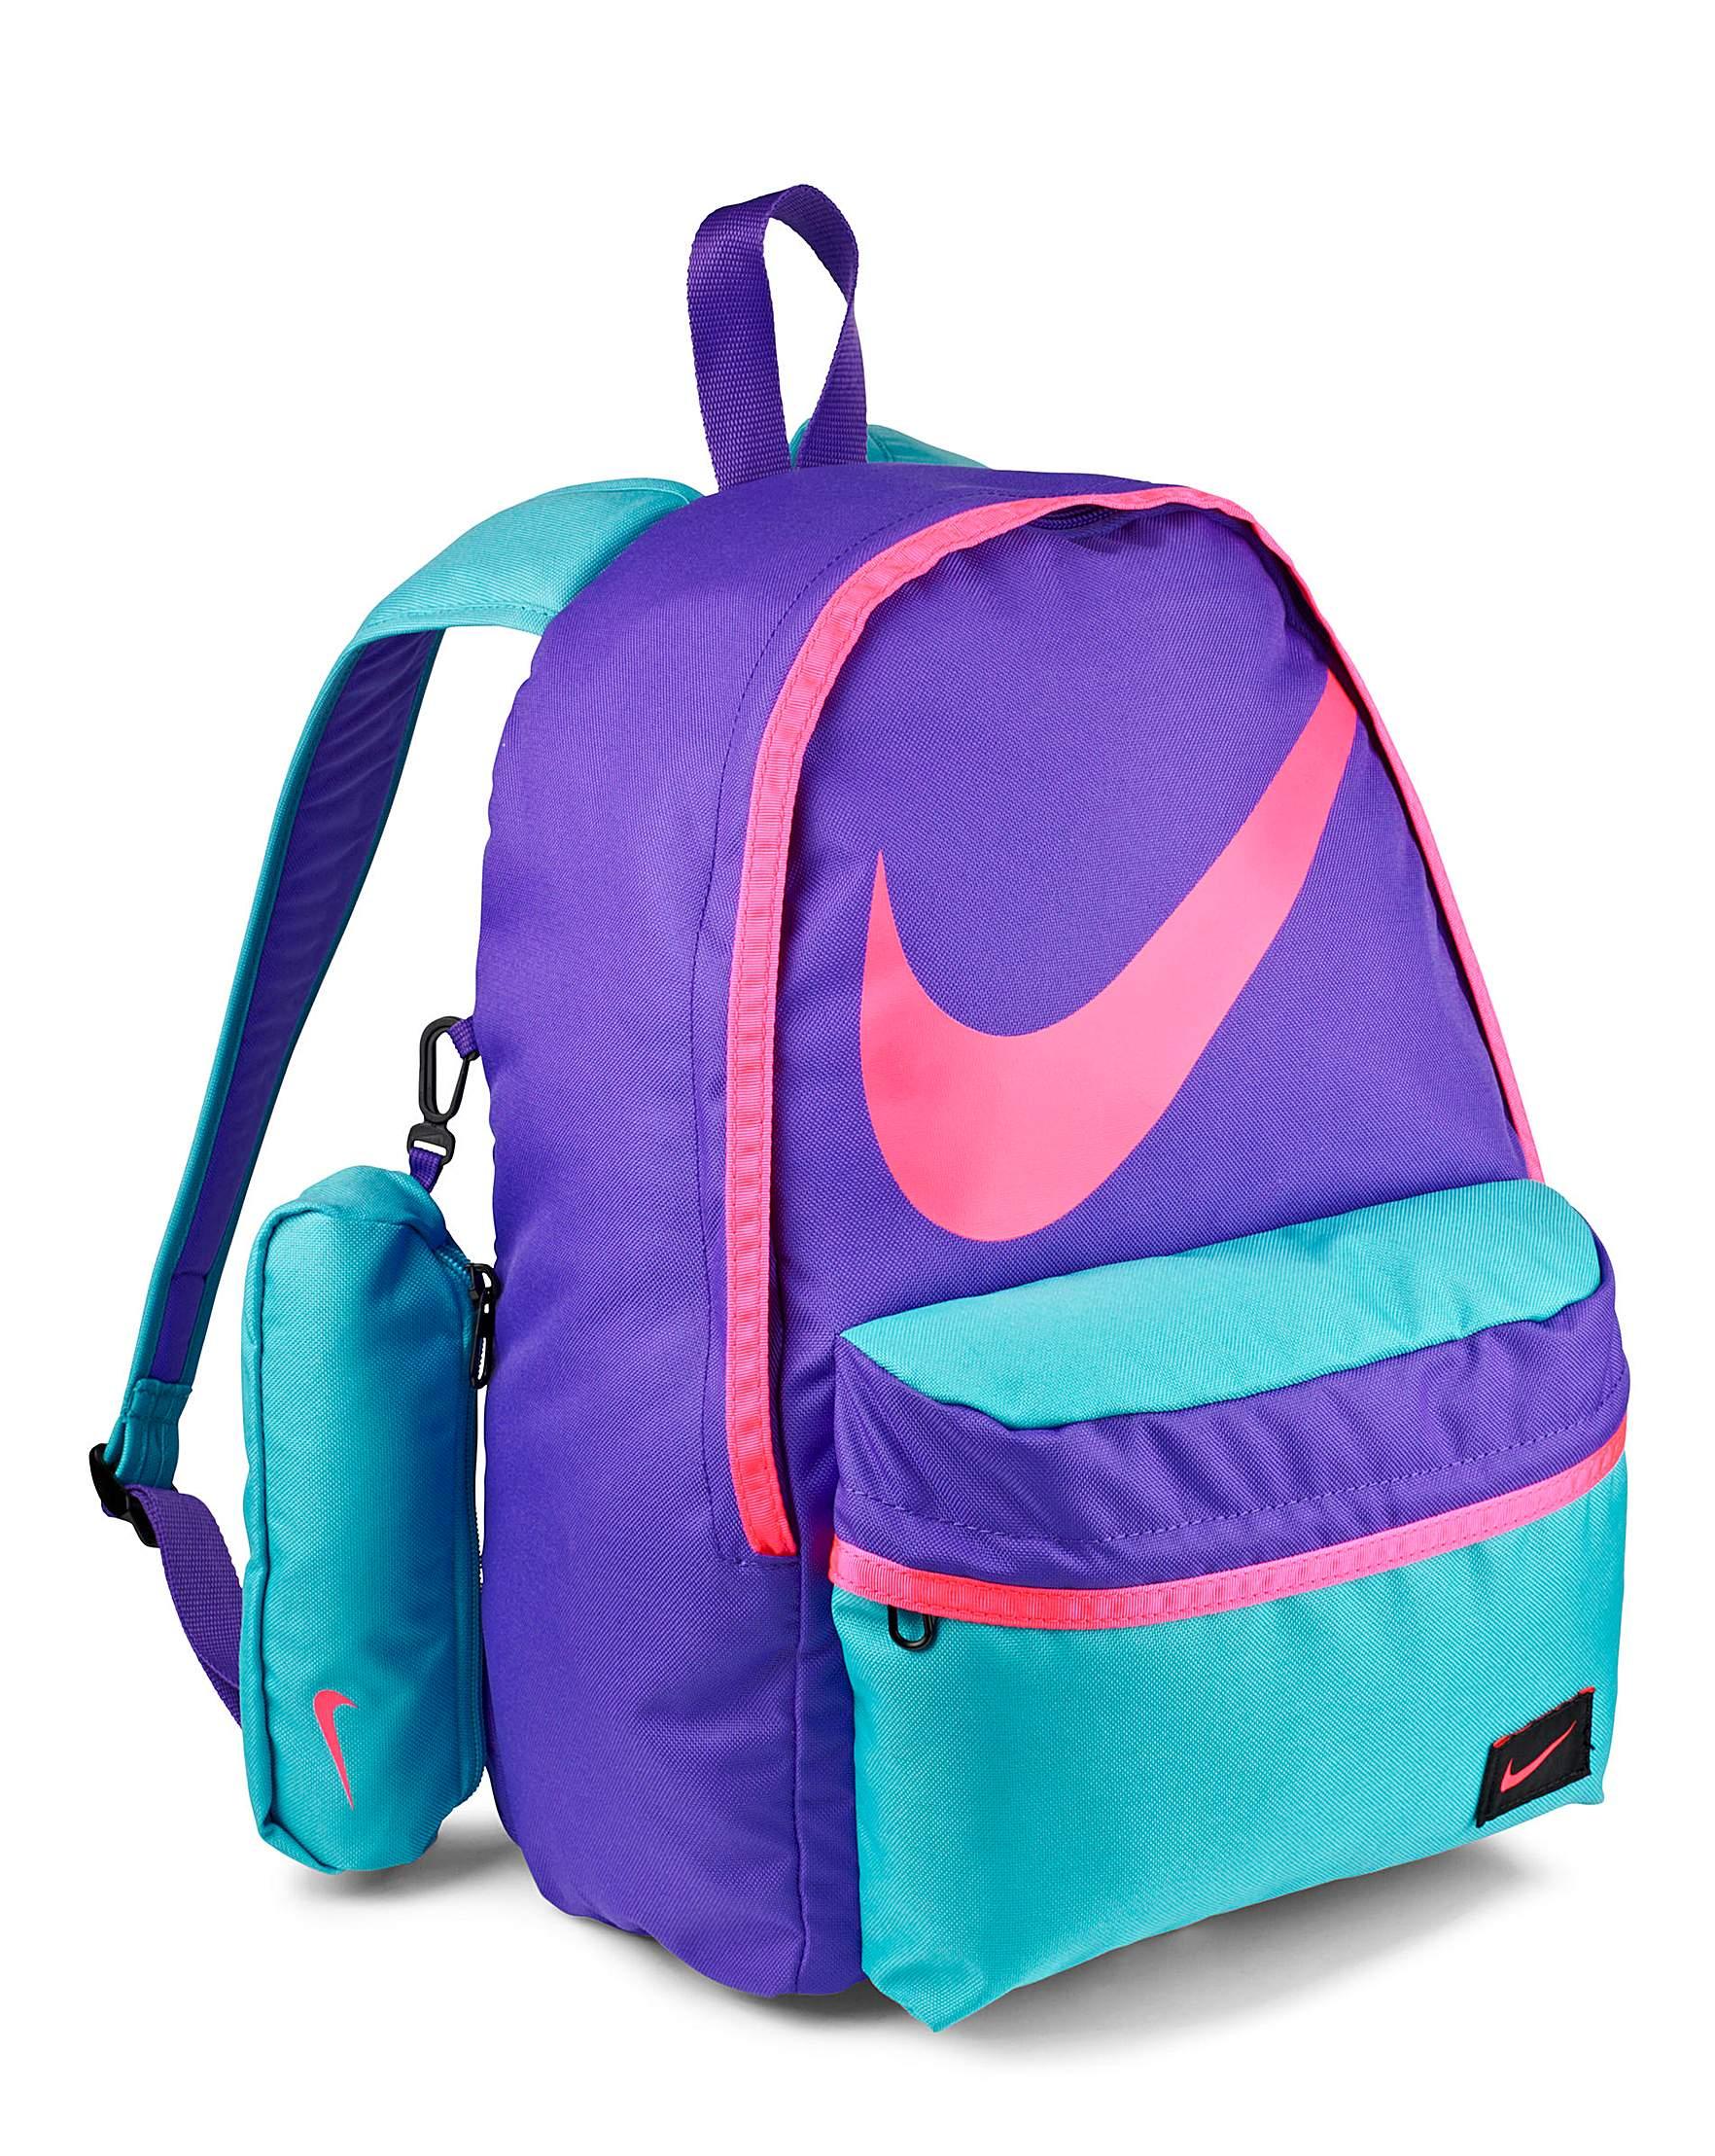 nike school backpacks purple